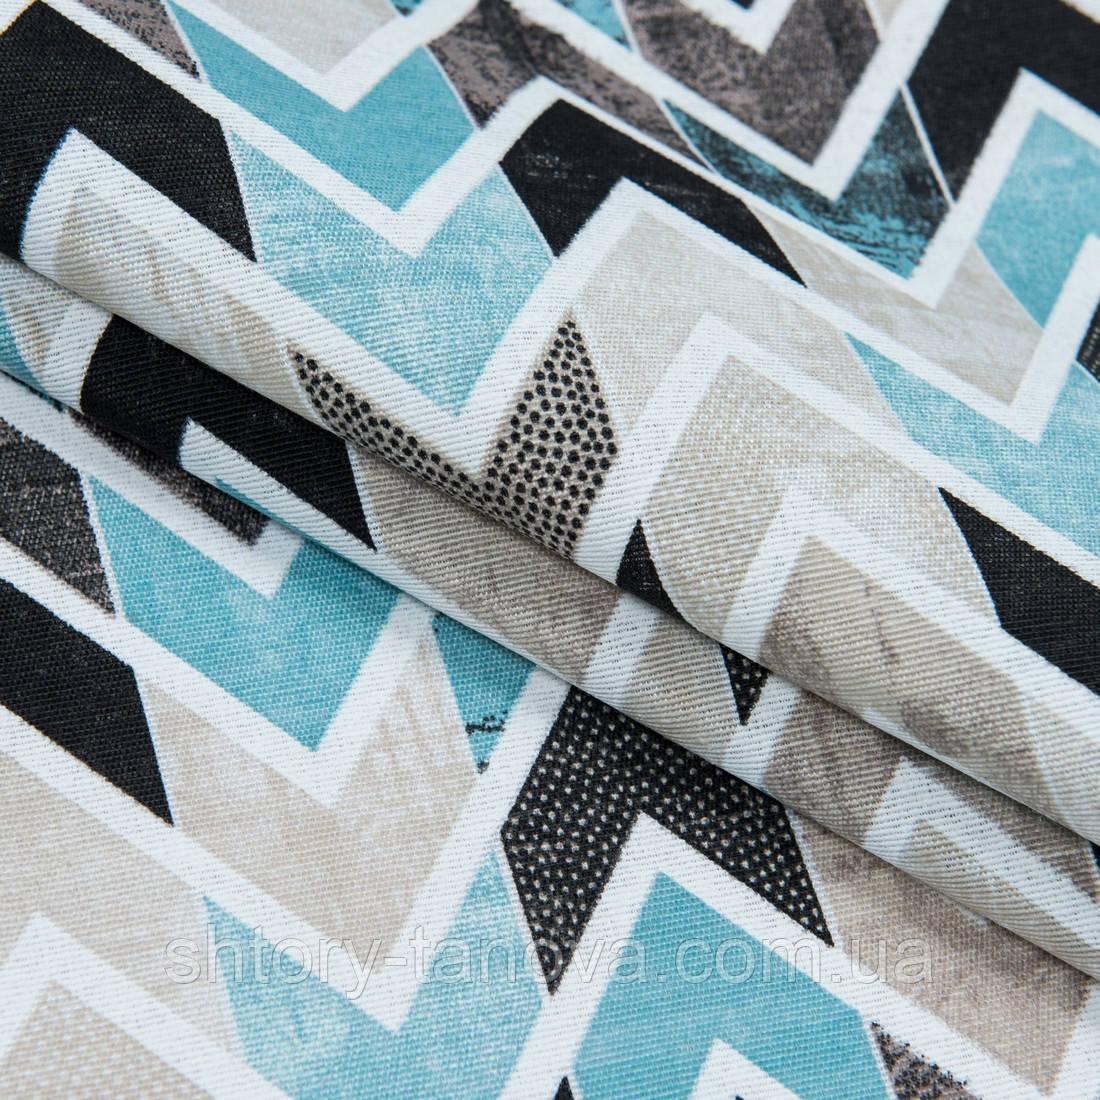 Декоративна тканина лонета лайф/life зигзаг блакитний,чорний,беж